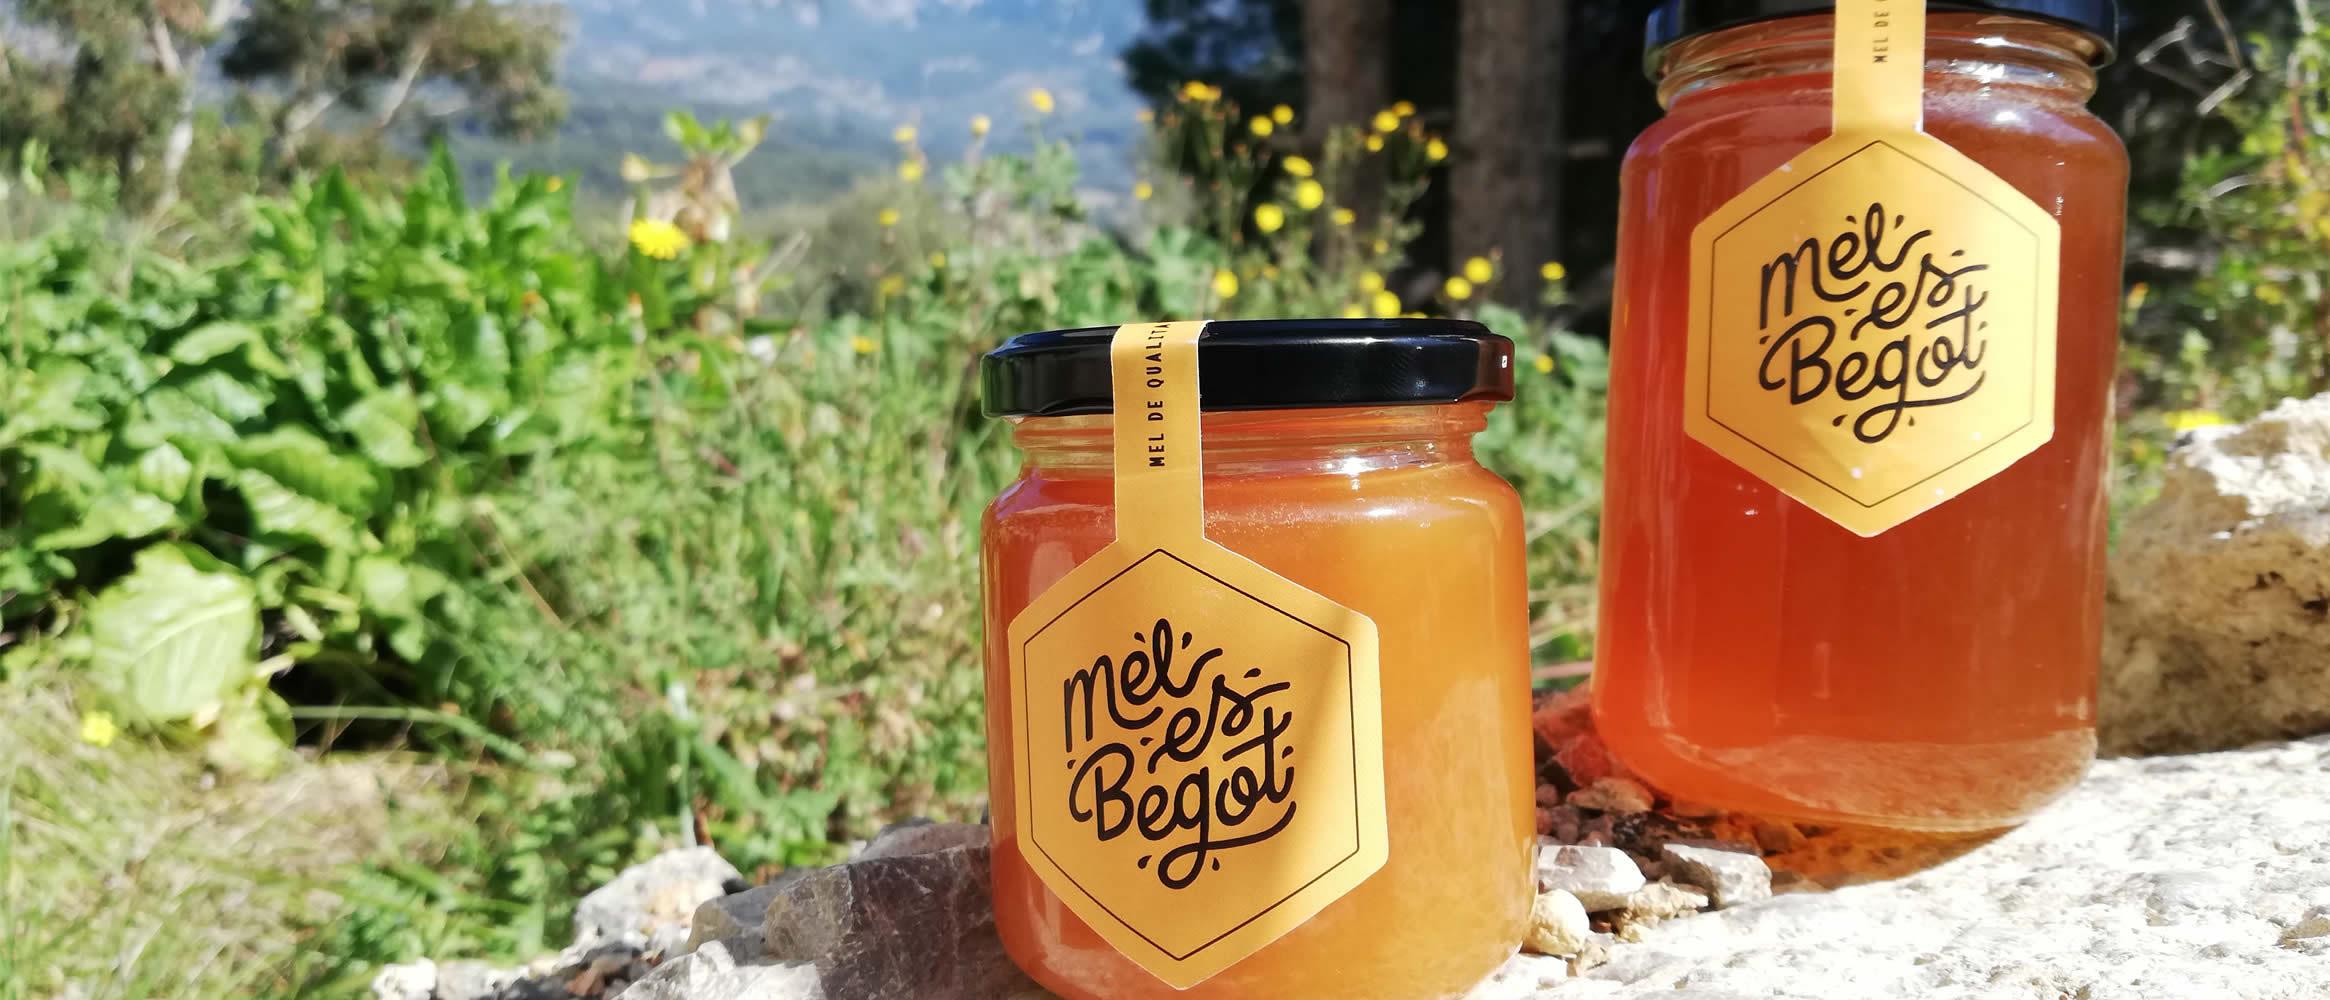 Mel Es Begot Miel de abejas 500g